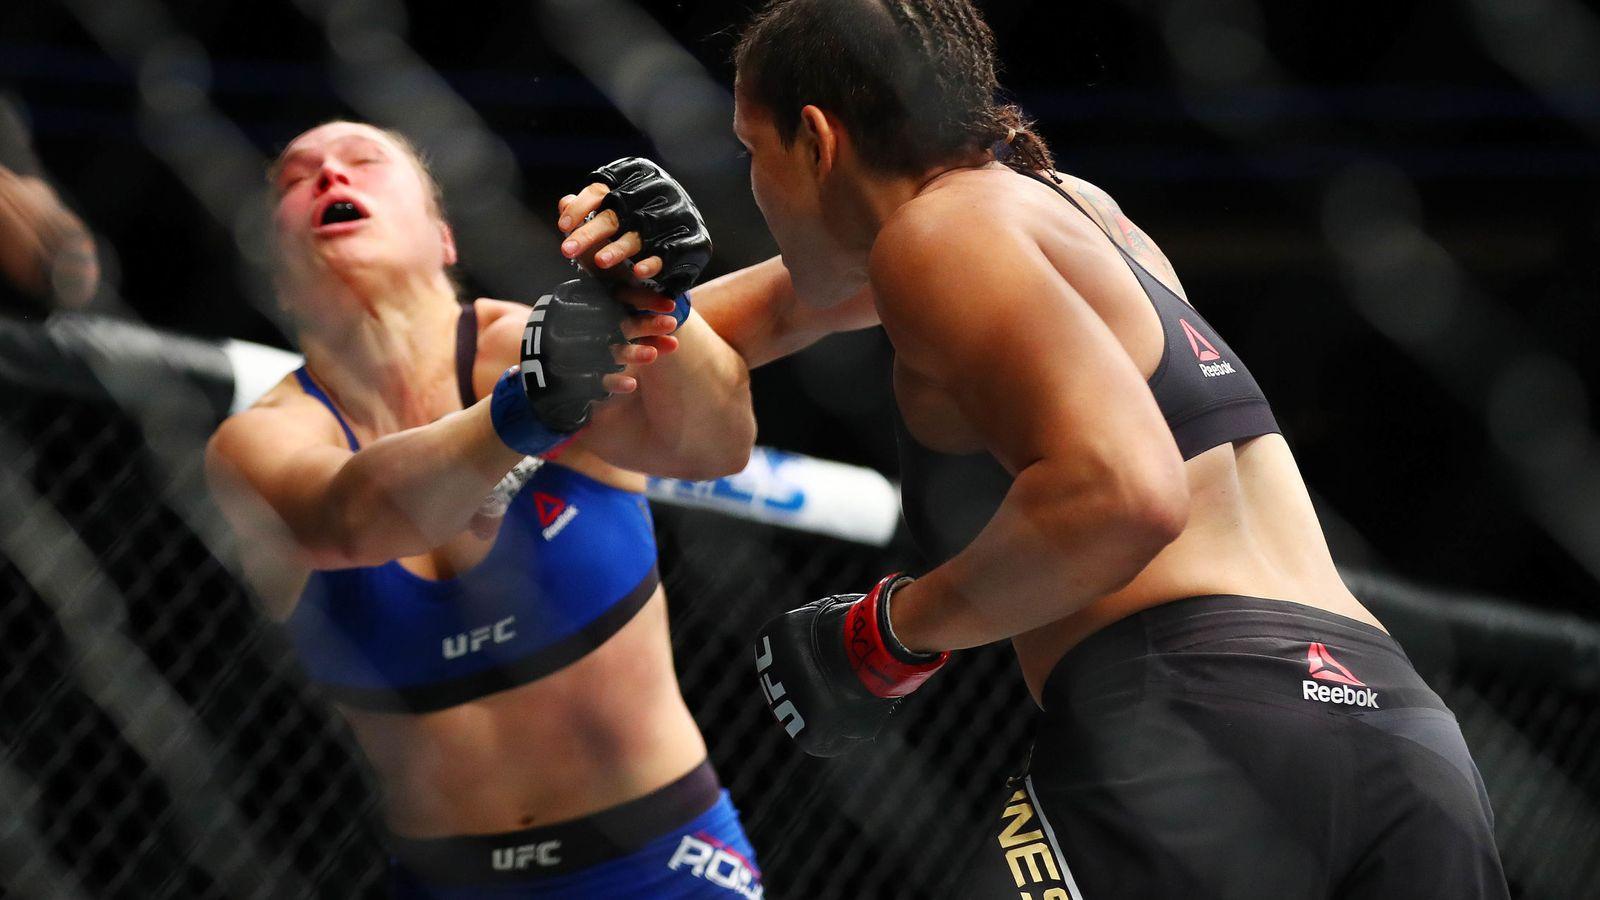 Foto: El combate de la UFC 207, en diciembre de 2016, entre Nunes y Rousey.